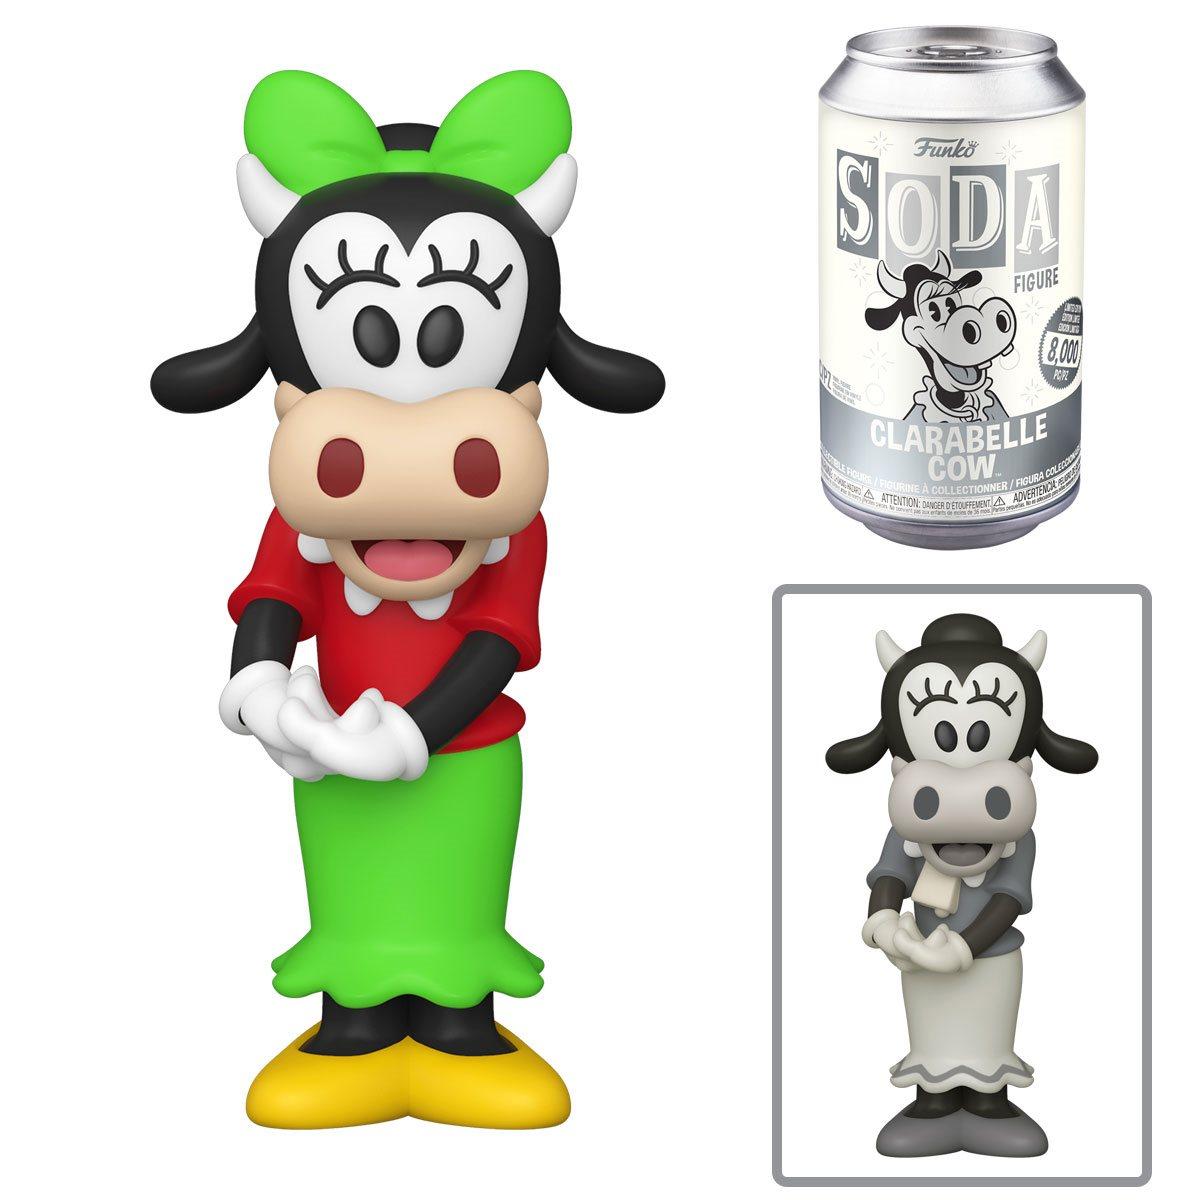 PRÉ VENDA: Lata Pop! Clarabelle Cow: Disney Vinyl Soda: ( Edição Limitada) - Funko